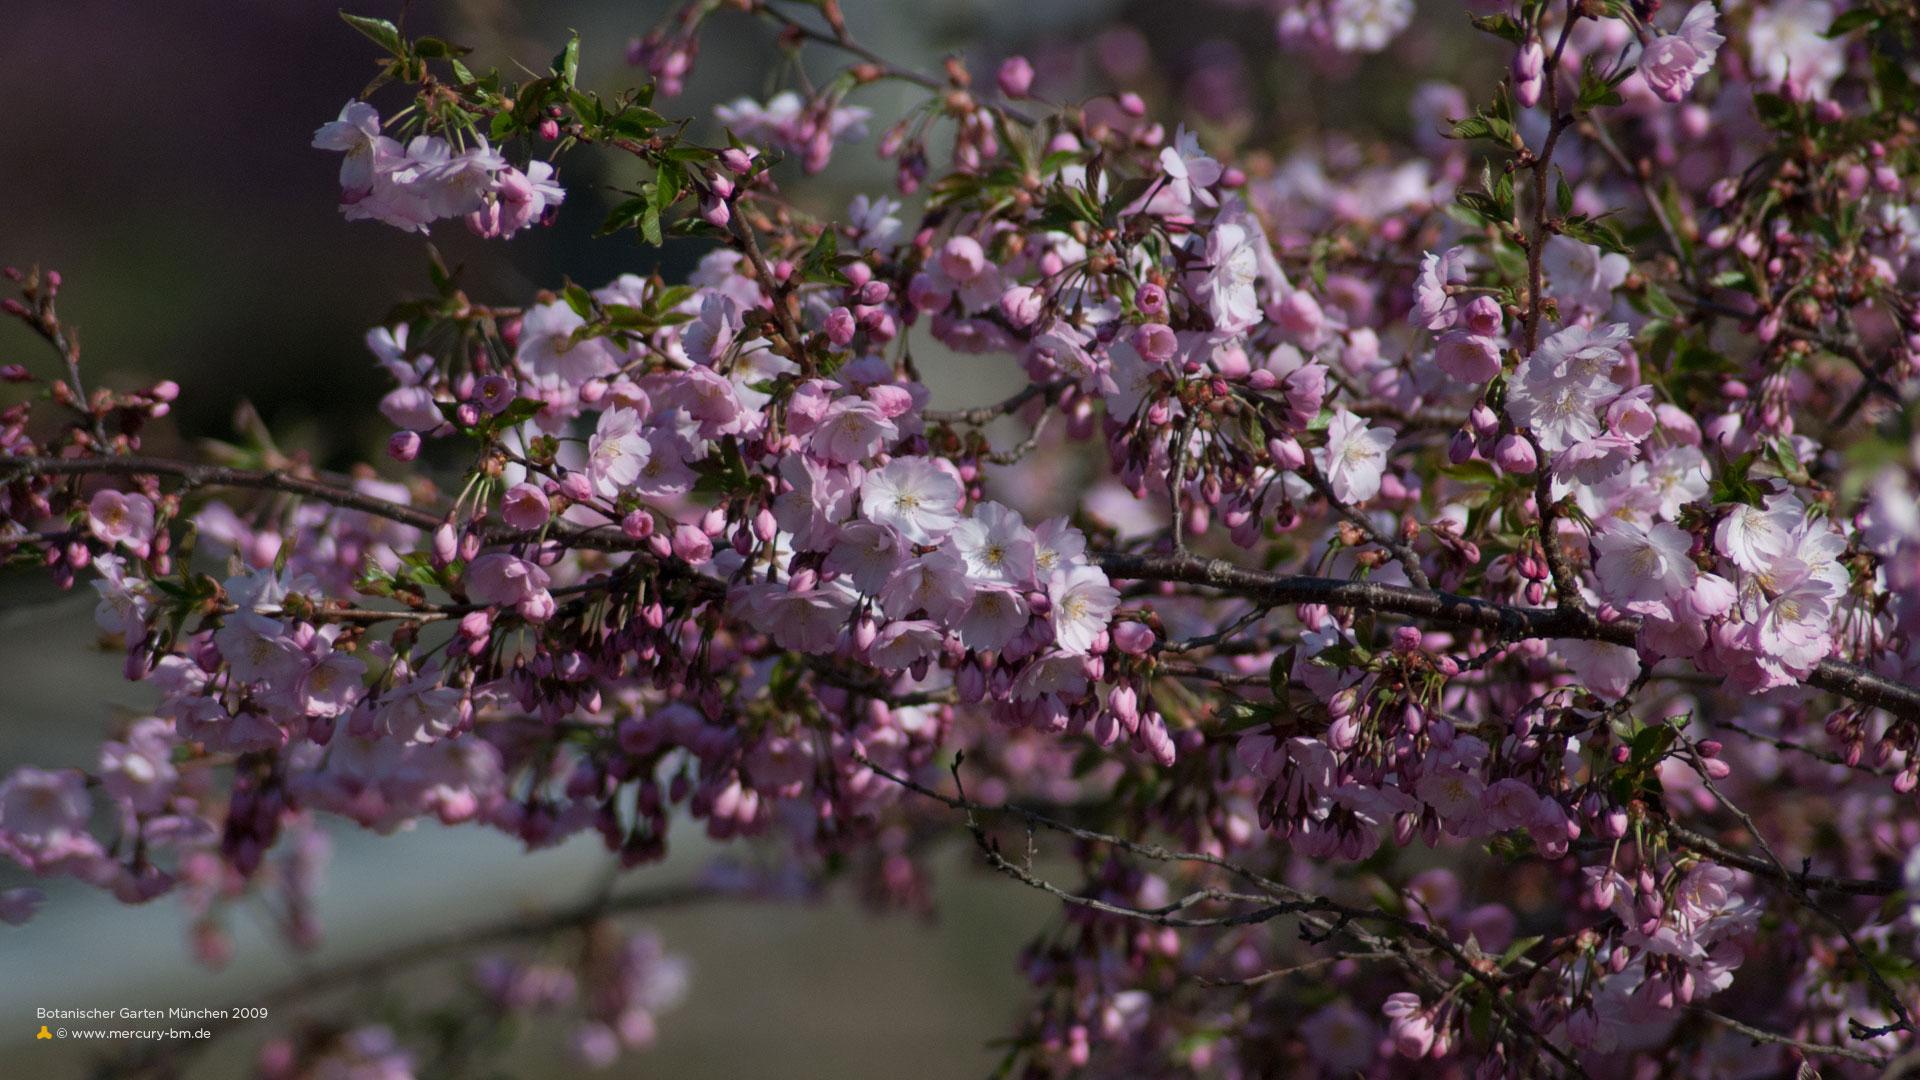 Kirschblüten-Baum im Botanischen Garten München